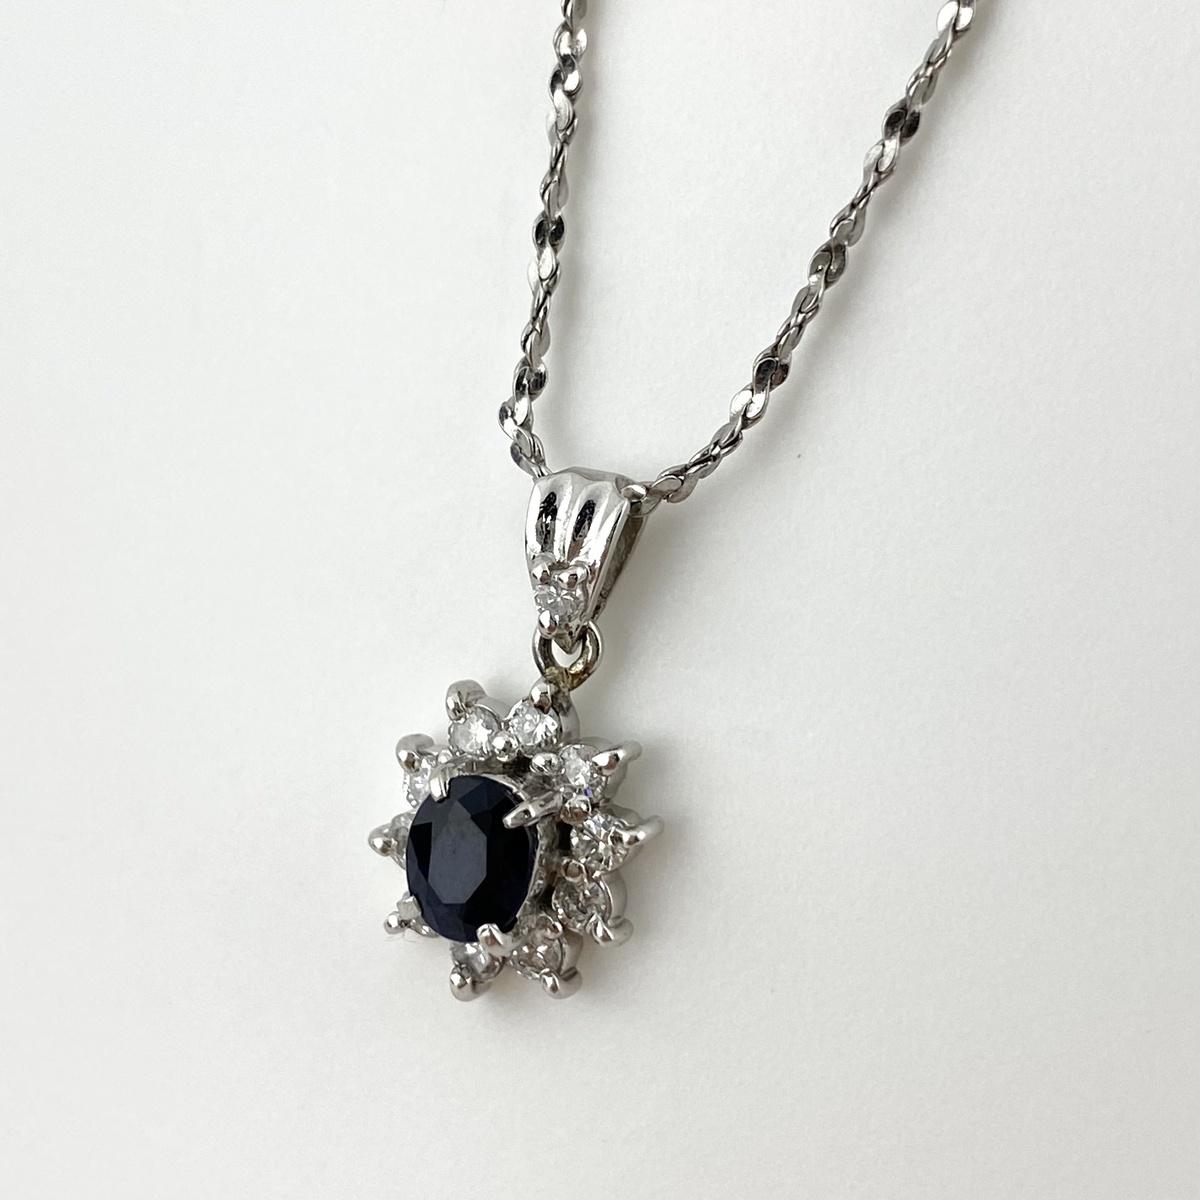 低廉 USED 送料無料 サファイア 新着 デザイン ネックレス プラチナ メレダイヤ レディース ペンダント ダイヤモンド Pt850 中古